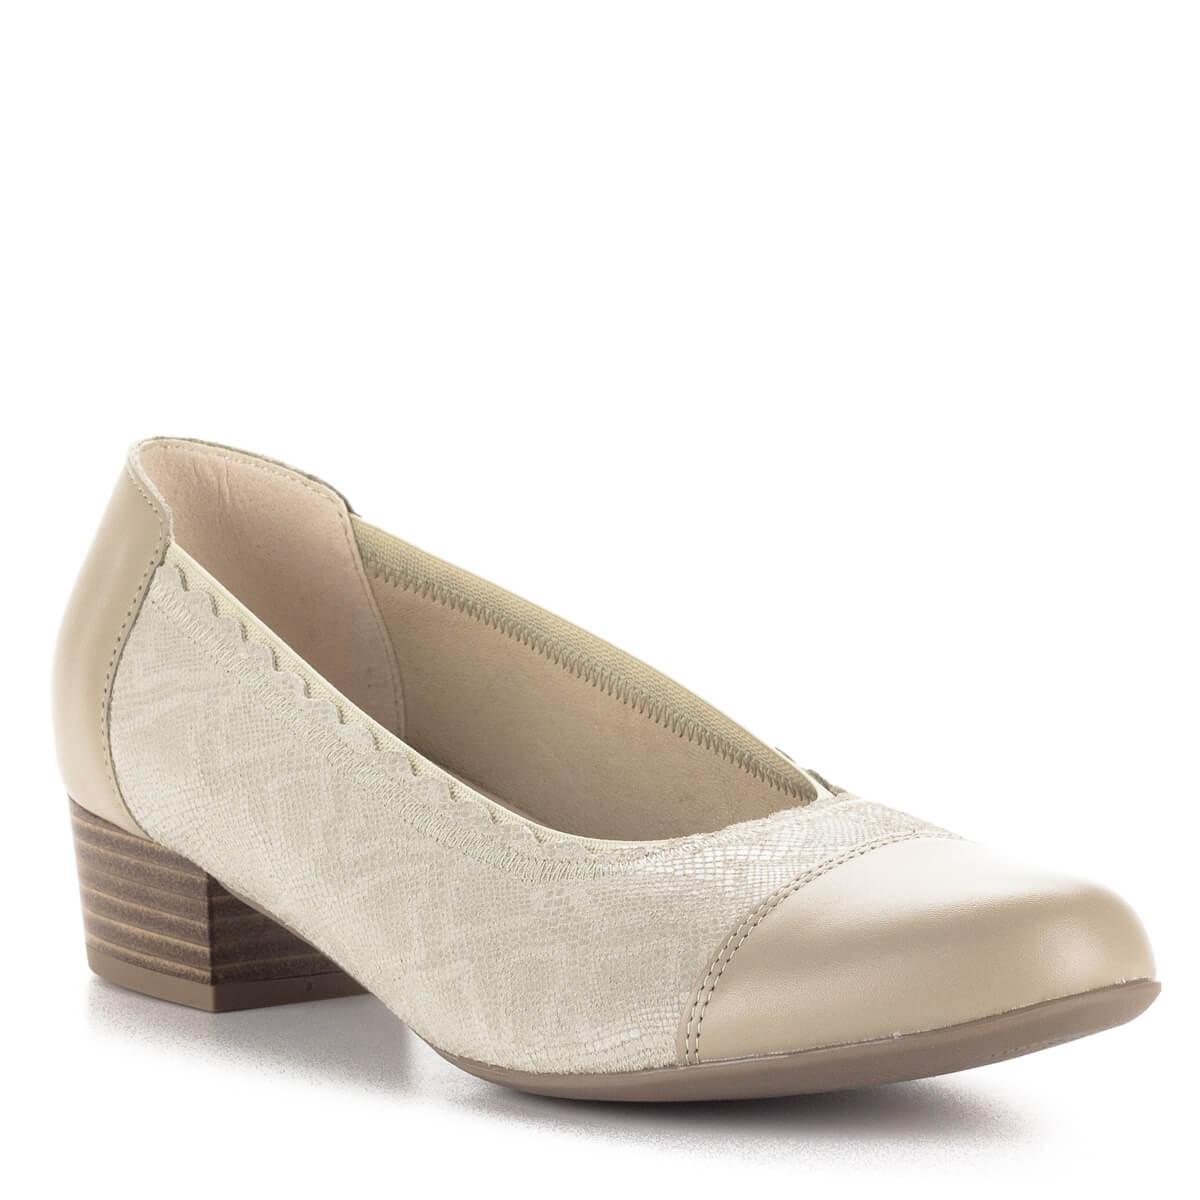 Kis sarkú bézs Alpina cipő, körben gumis szegéllyel, G